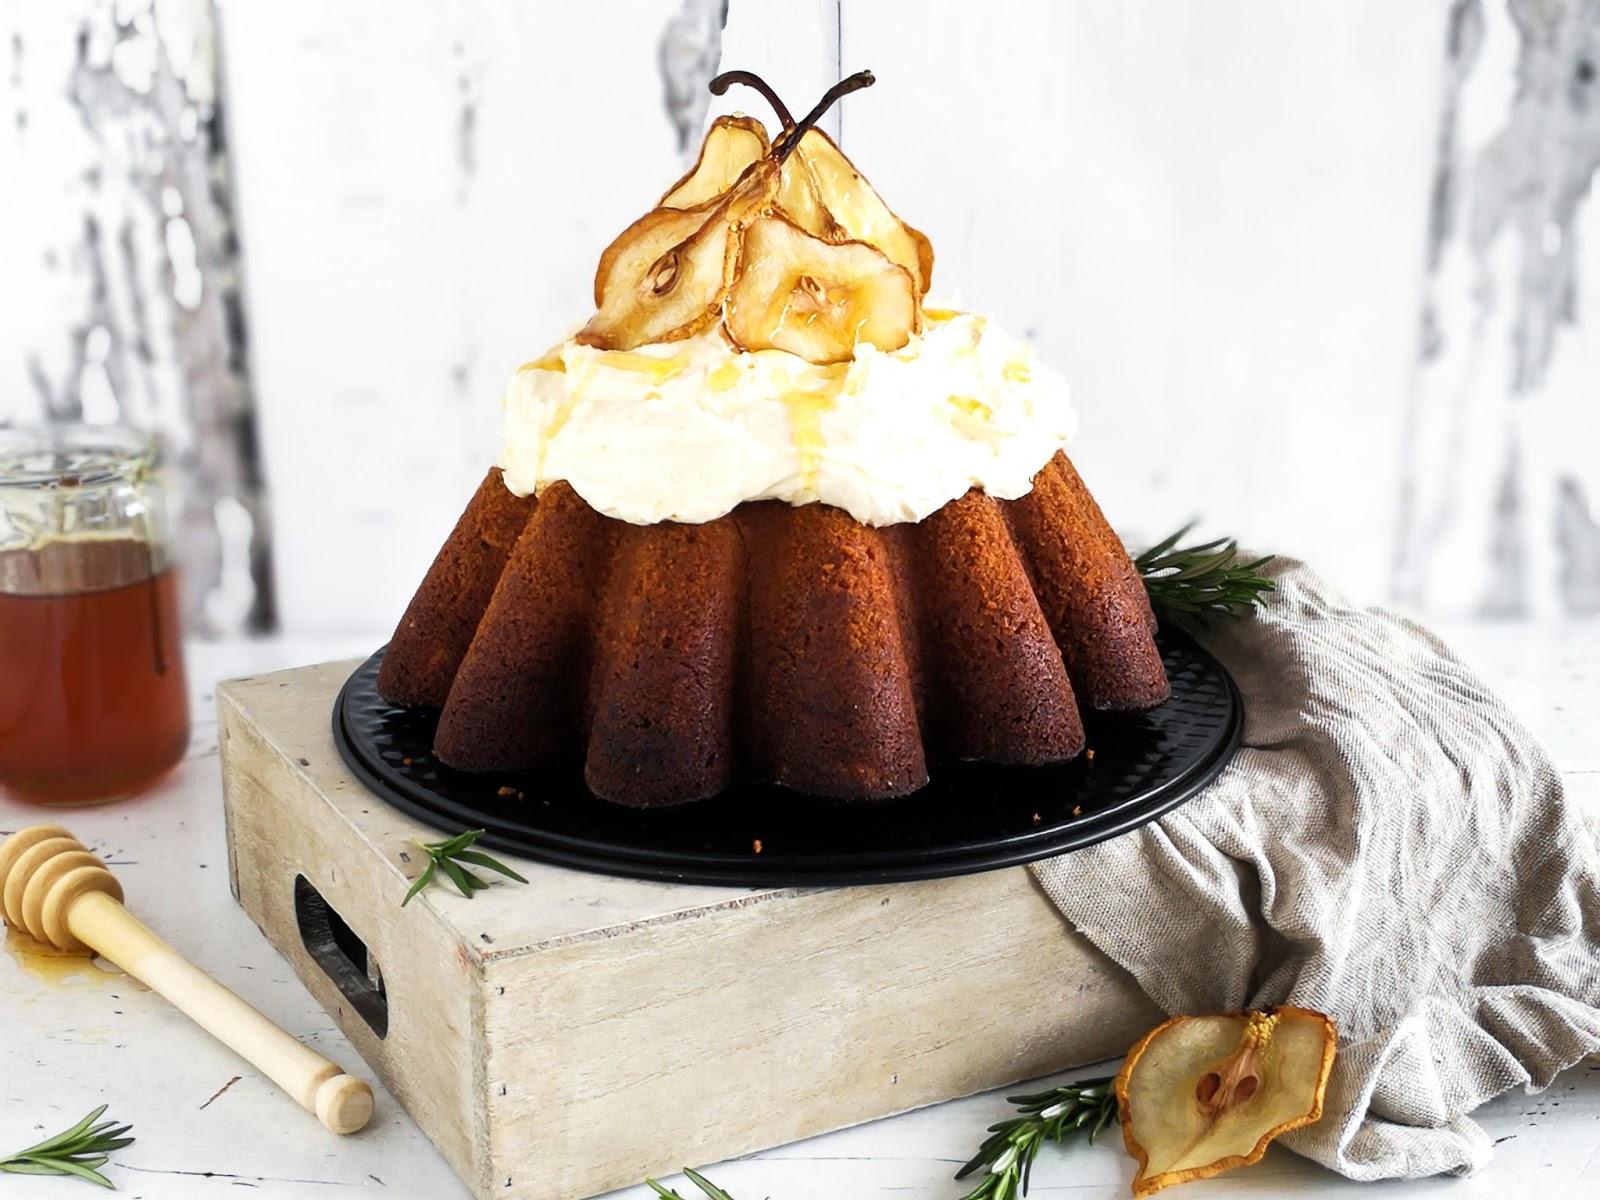 So eine Kuchen Idee kommt bekannterweise ja auch noch recht spontan und daher bietet sich da der gute alten Rührkuchen einfach an